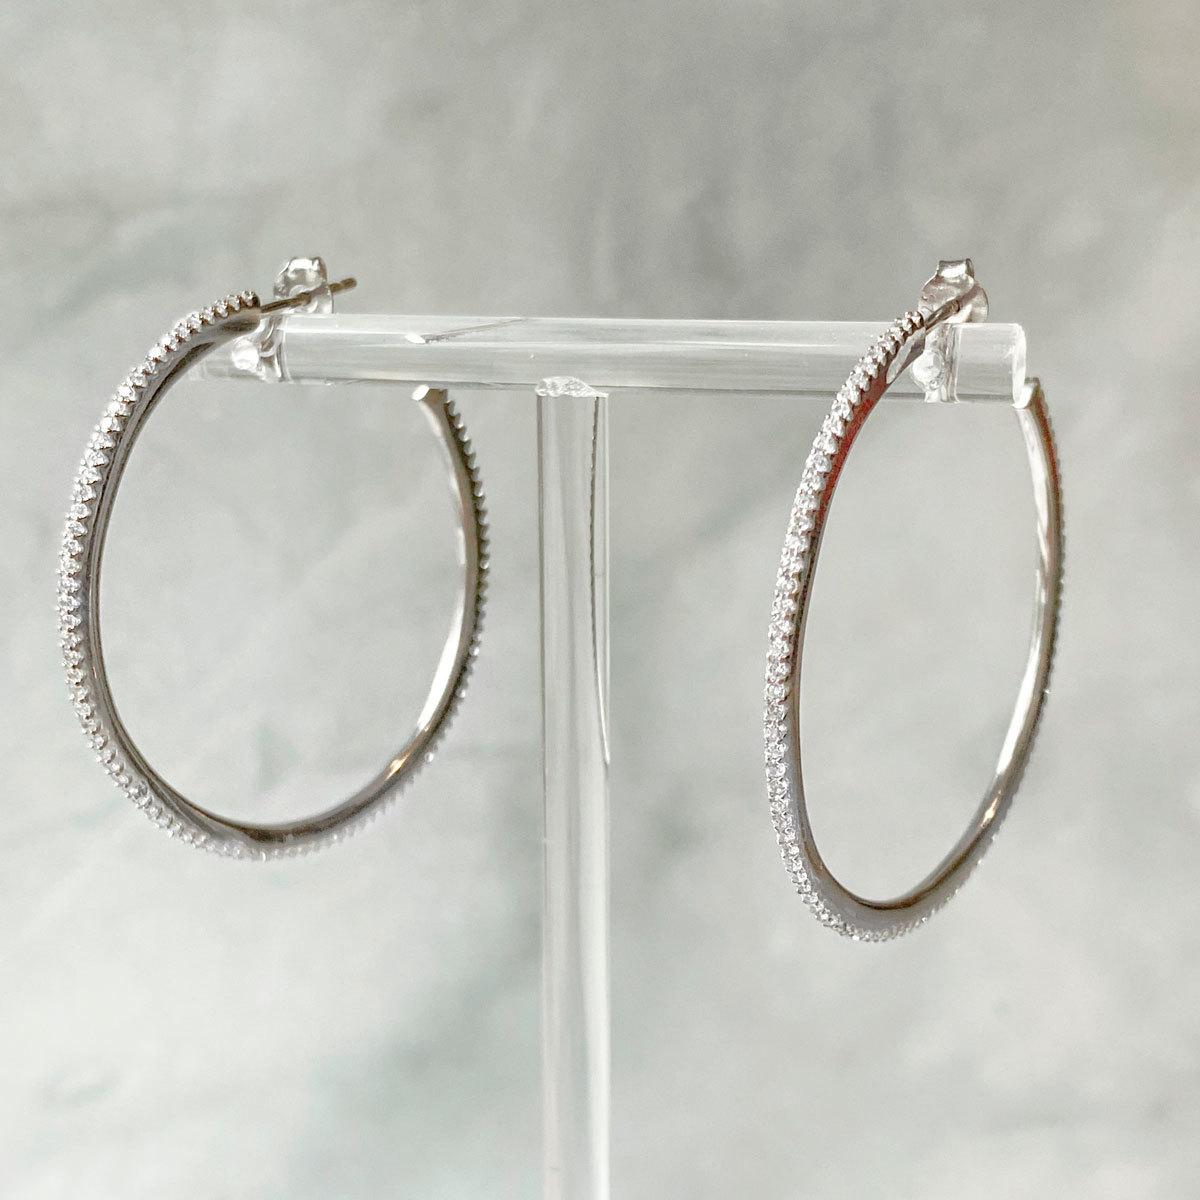 Серьги-конго с цирконной дорожкой 4,5см (серебро 925)